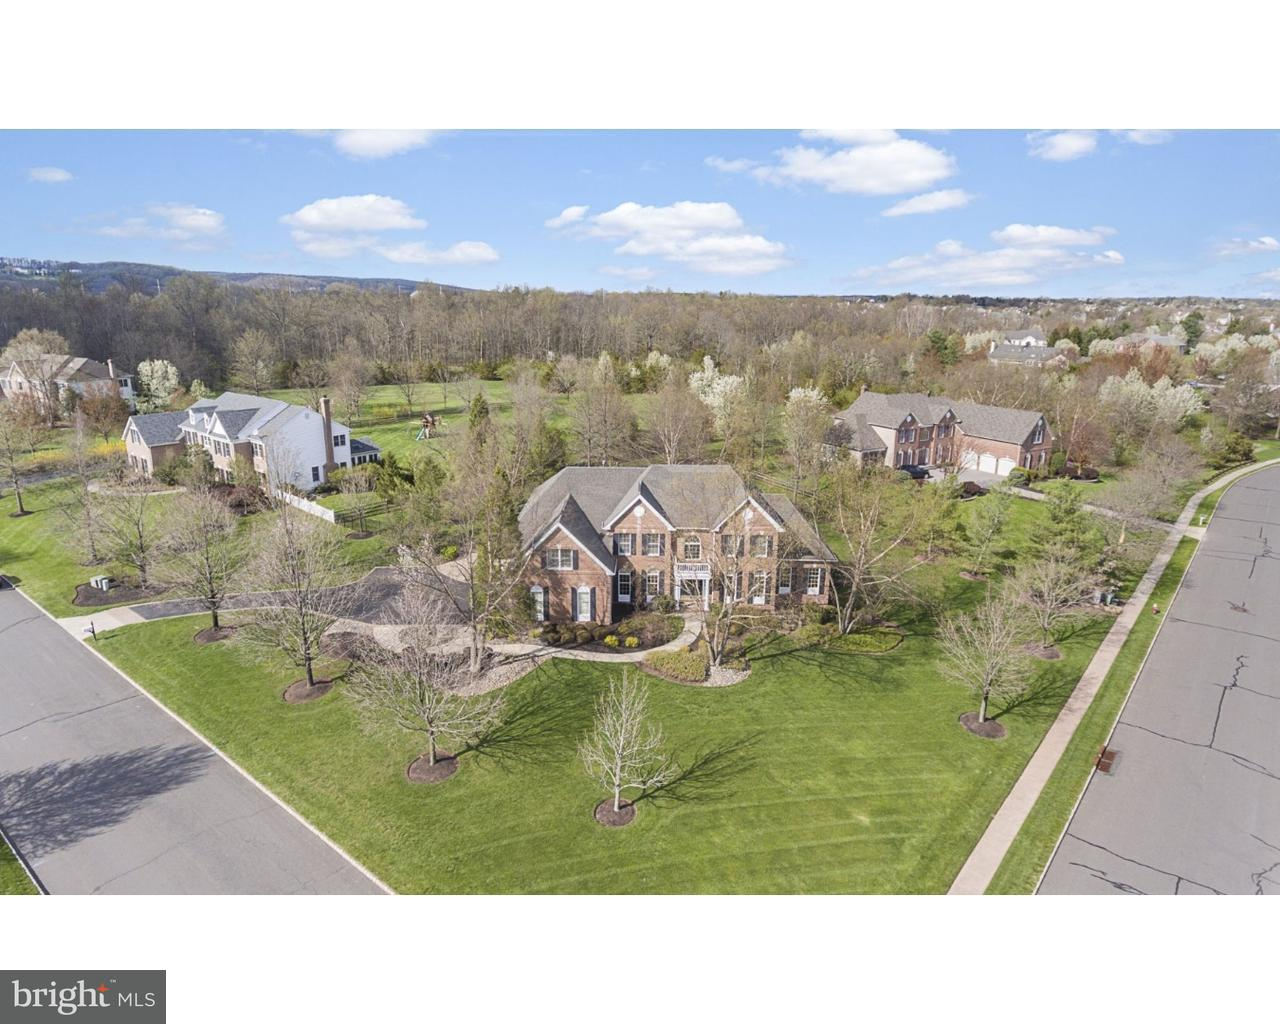 Частный односемейный дом для того Продажа на 3 HUNTERS PATH Blawenburg, Нью-Джерси 08558 Соединенные ШтатыВ/Около: Montgomery Township